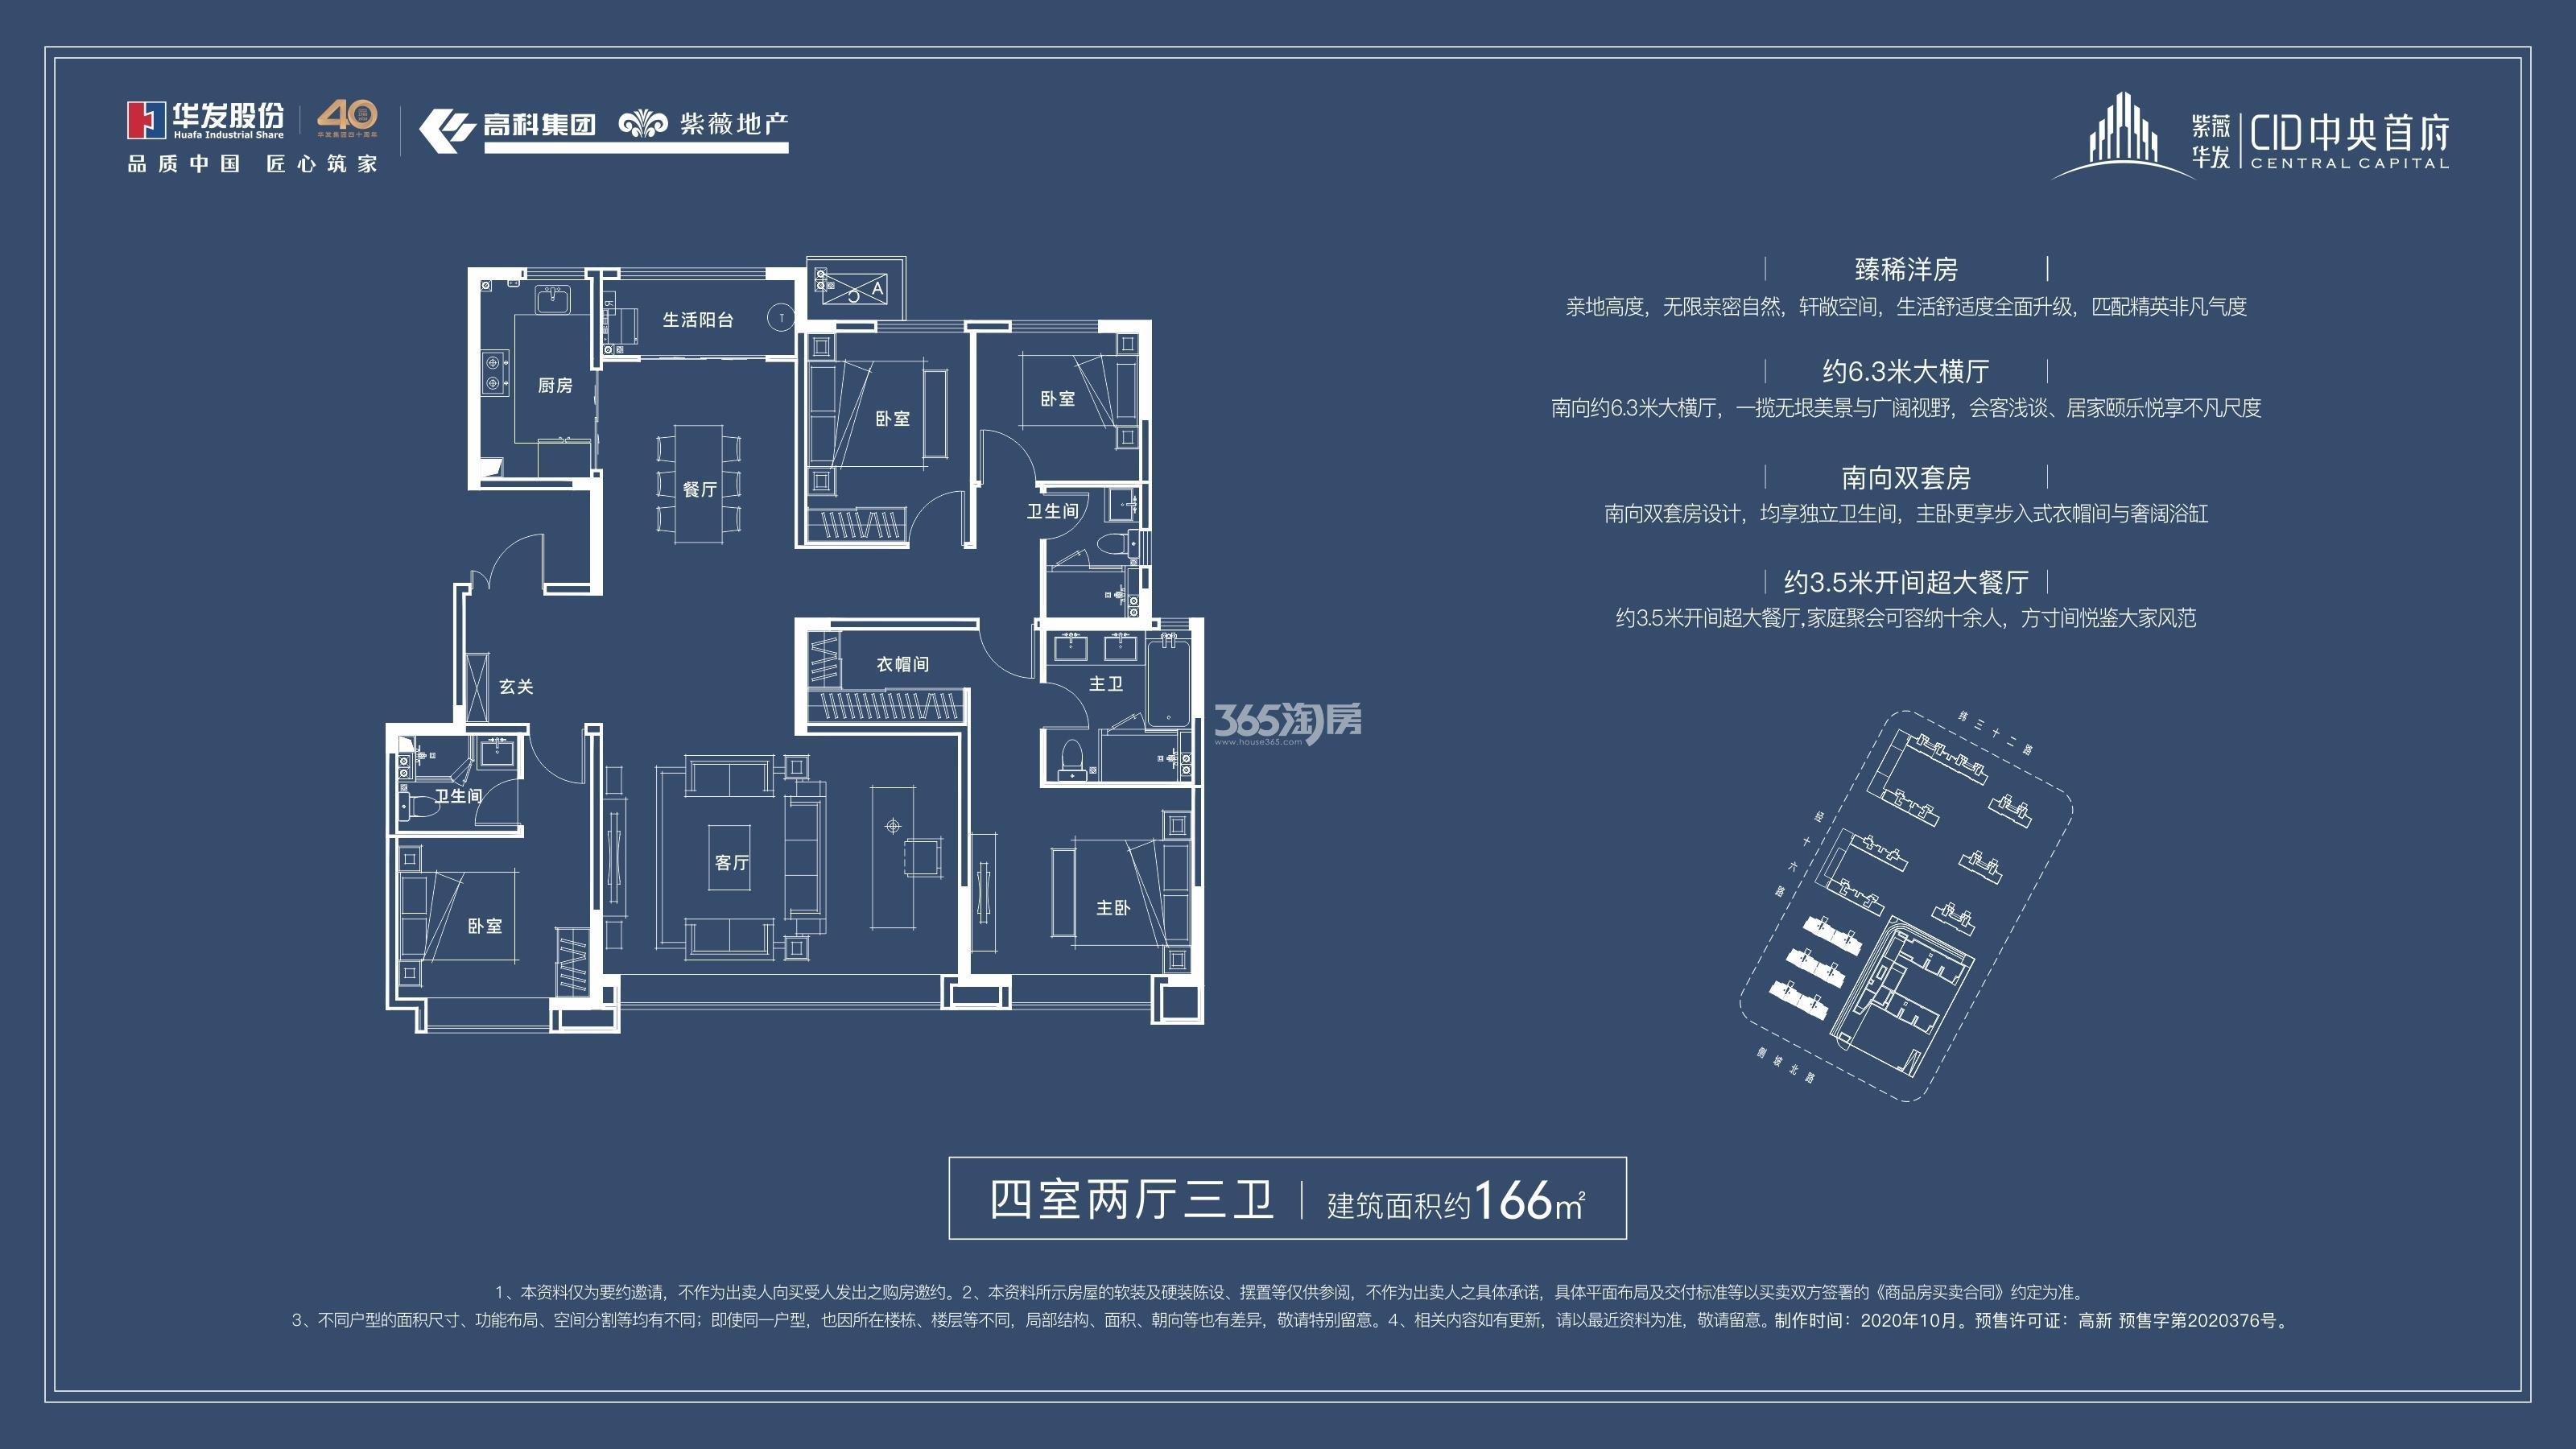 紫薇·华发CID中央首府166㎡四室两厅三卫户型